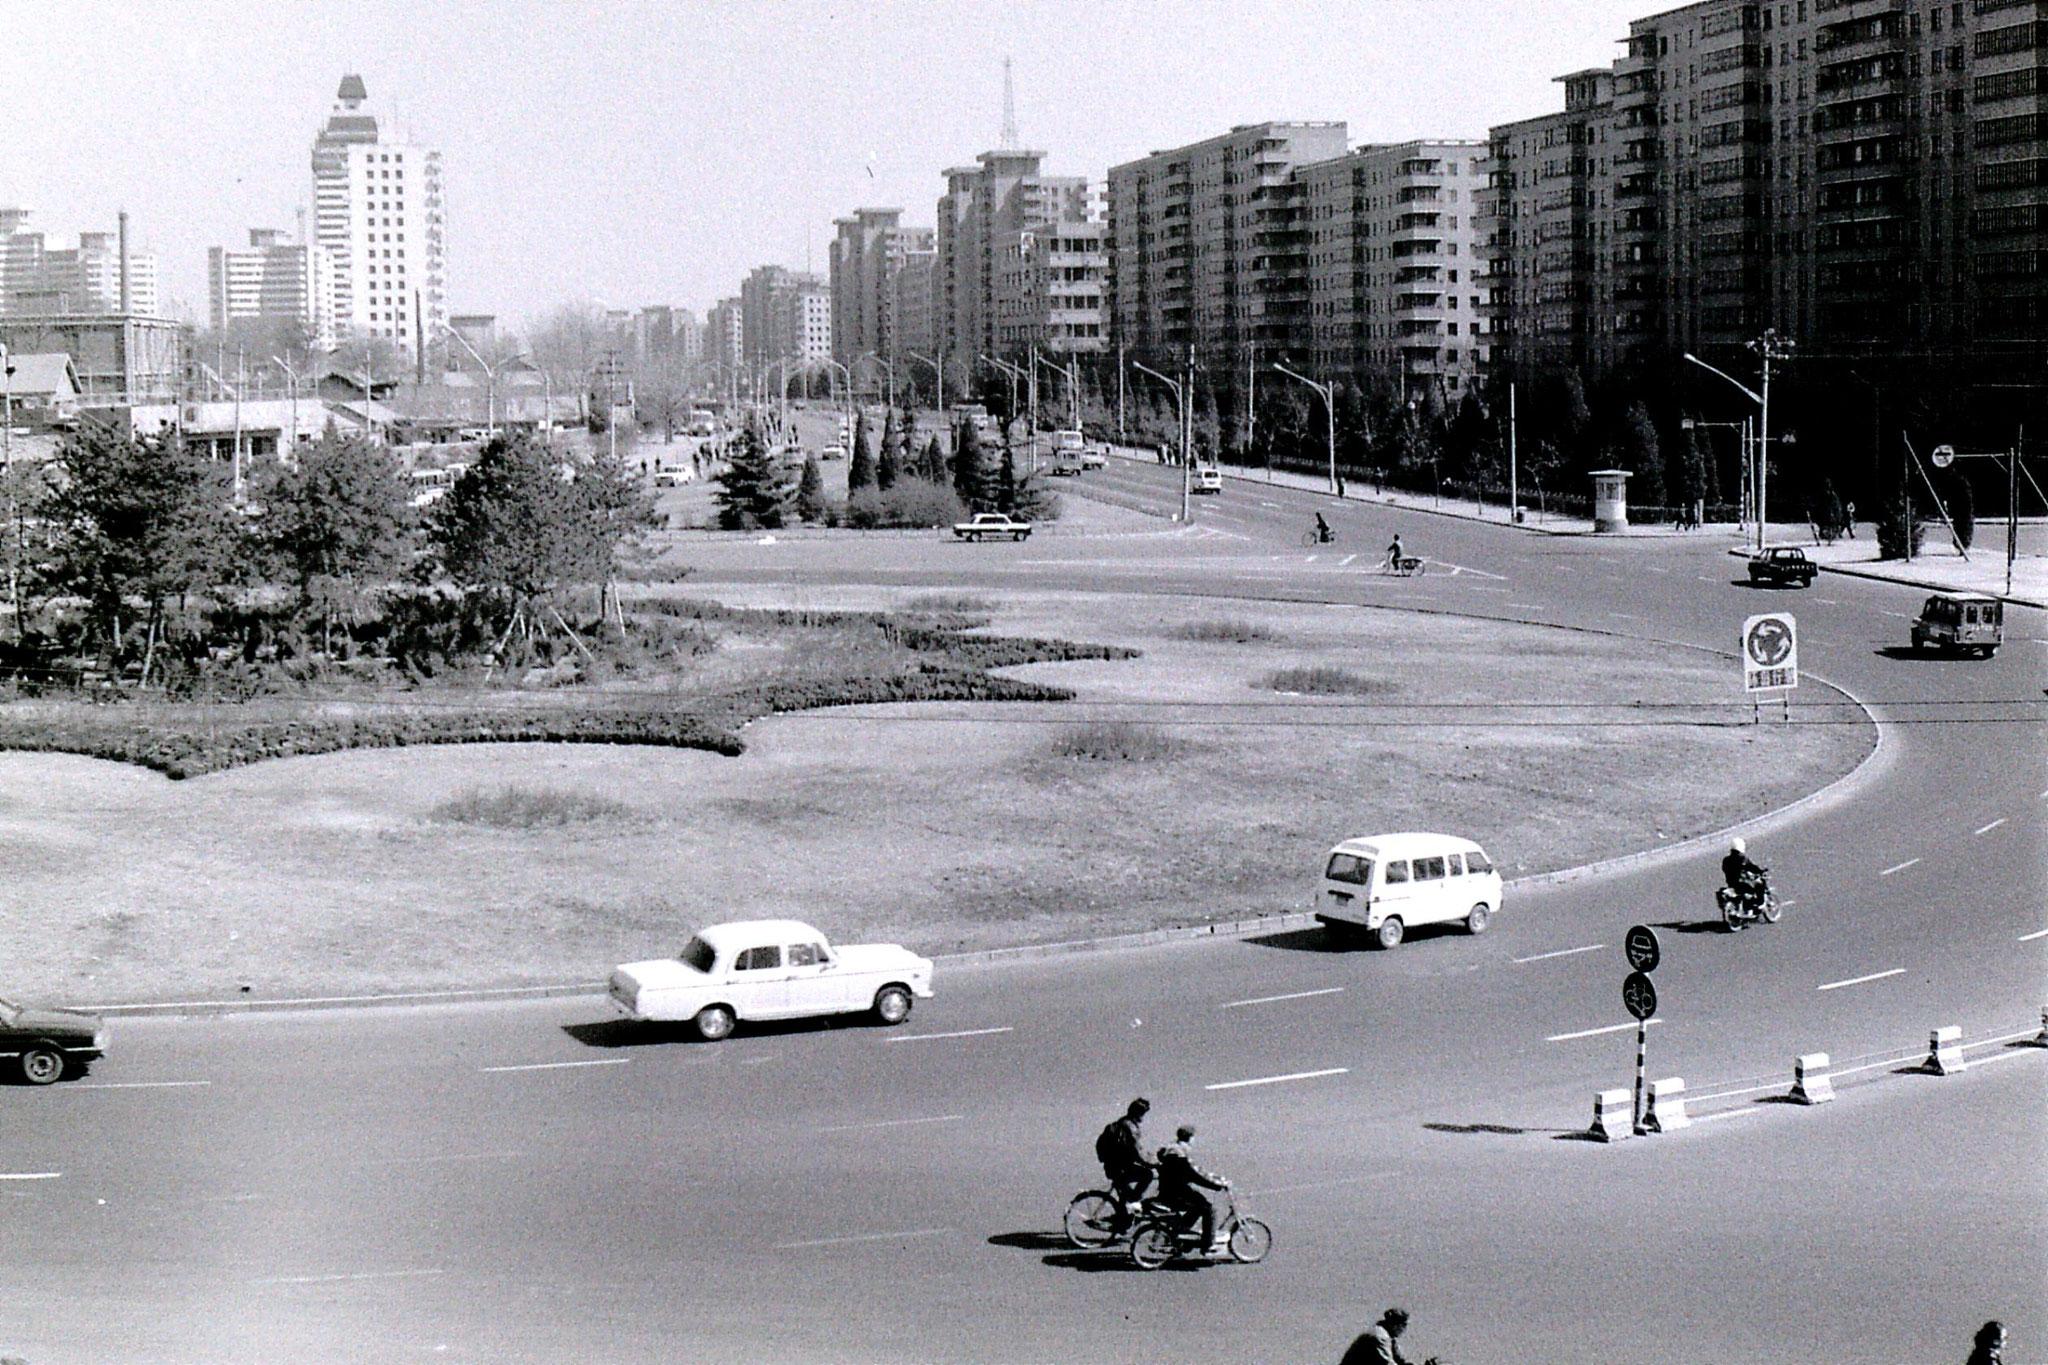 11/3/1989: 1: Beijing